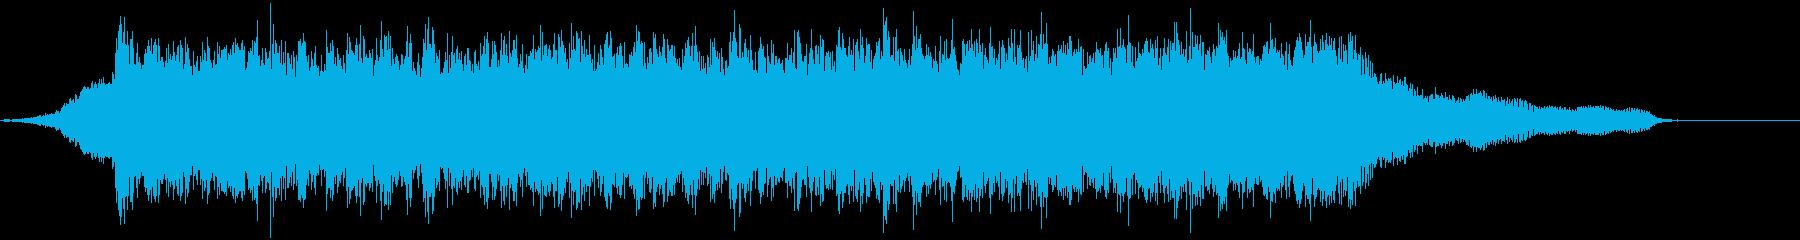 企業VP映像、110オーケストラ、壮大cの再生済みの波形